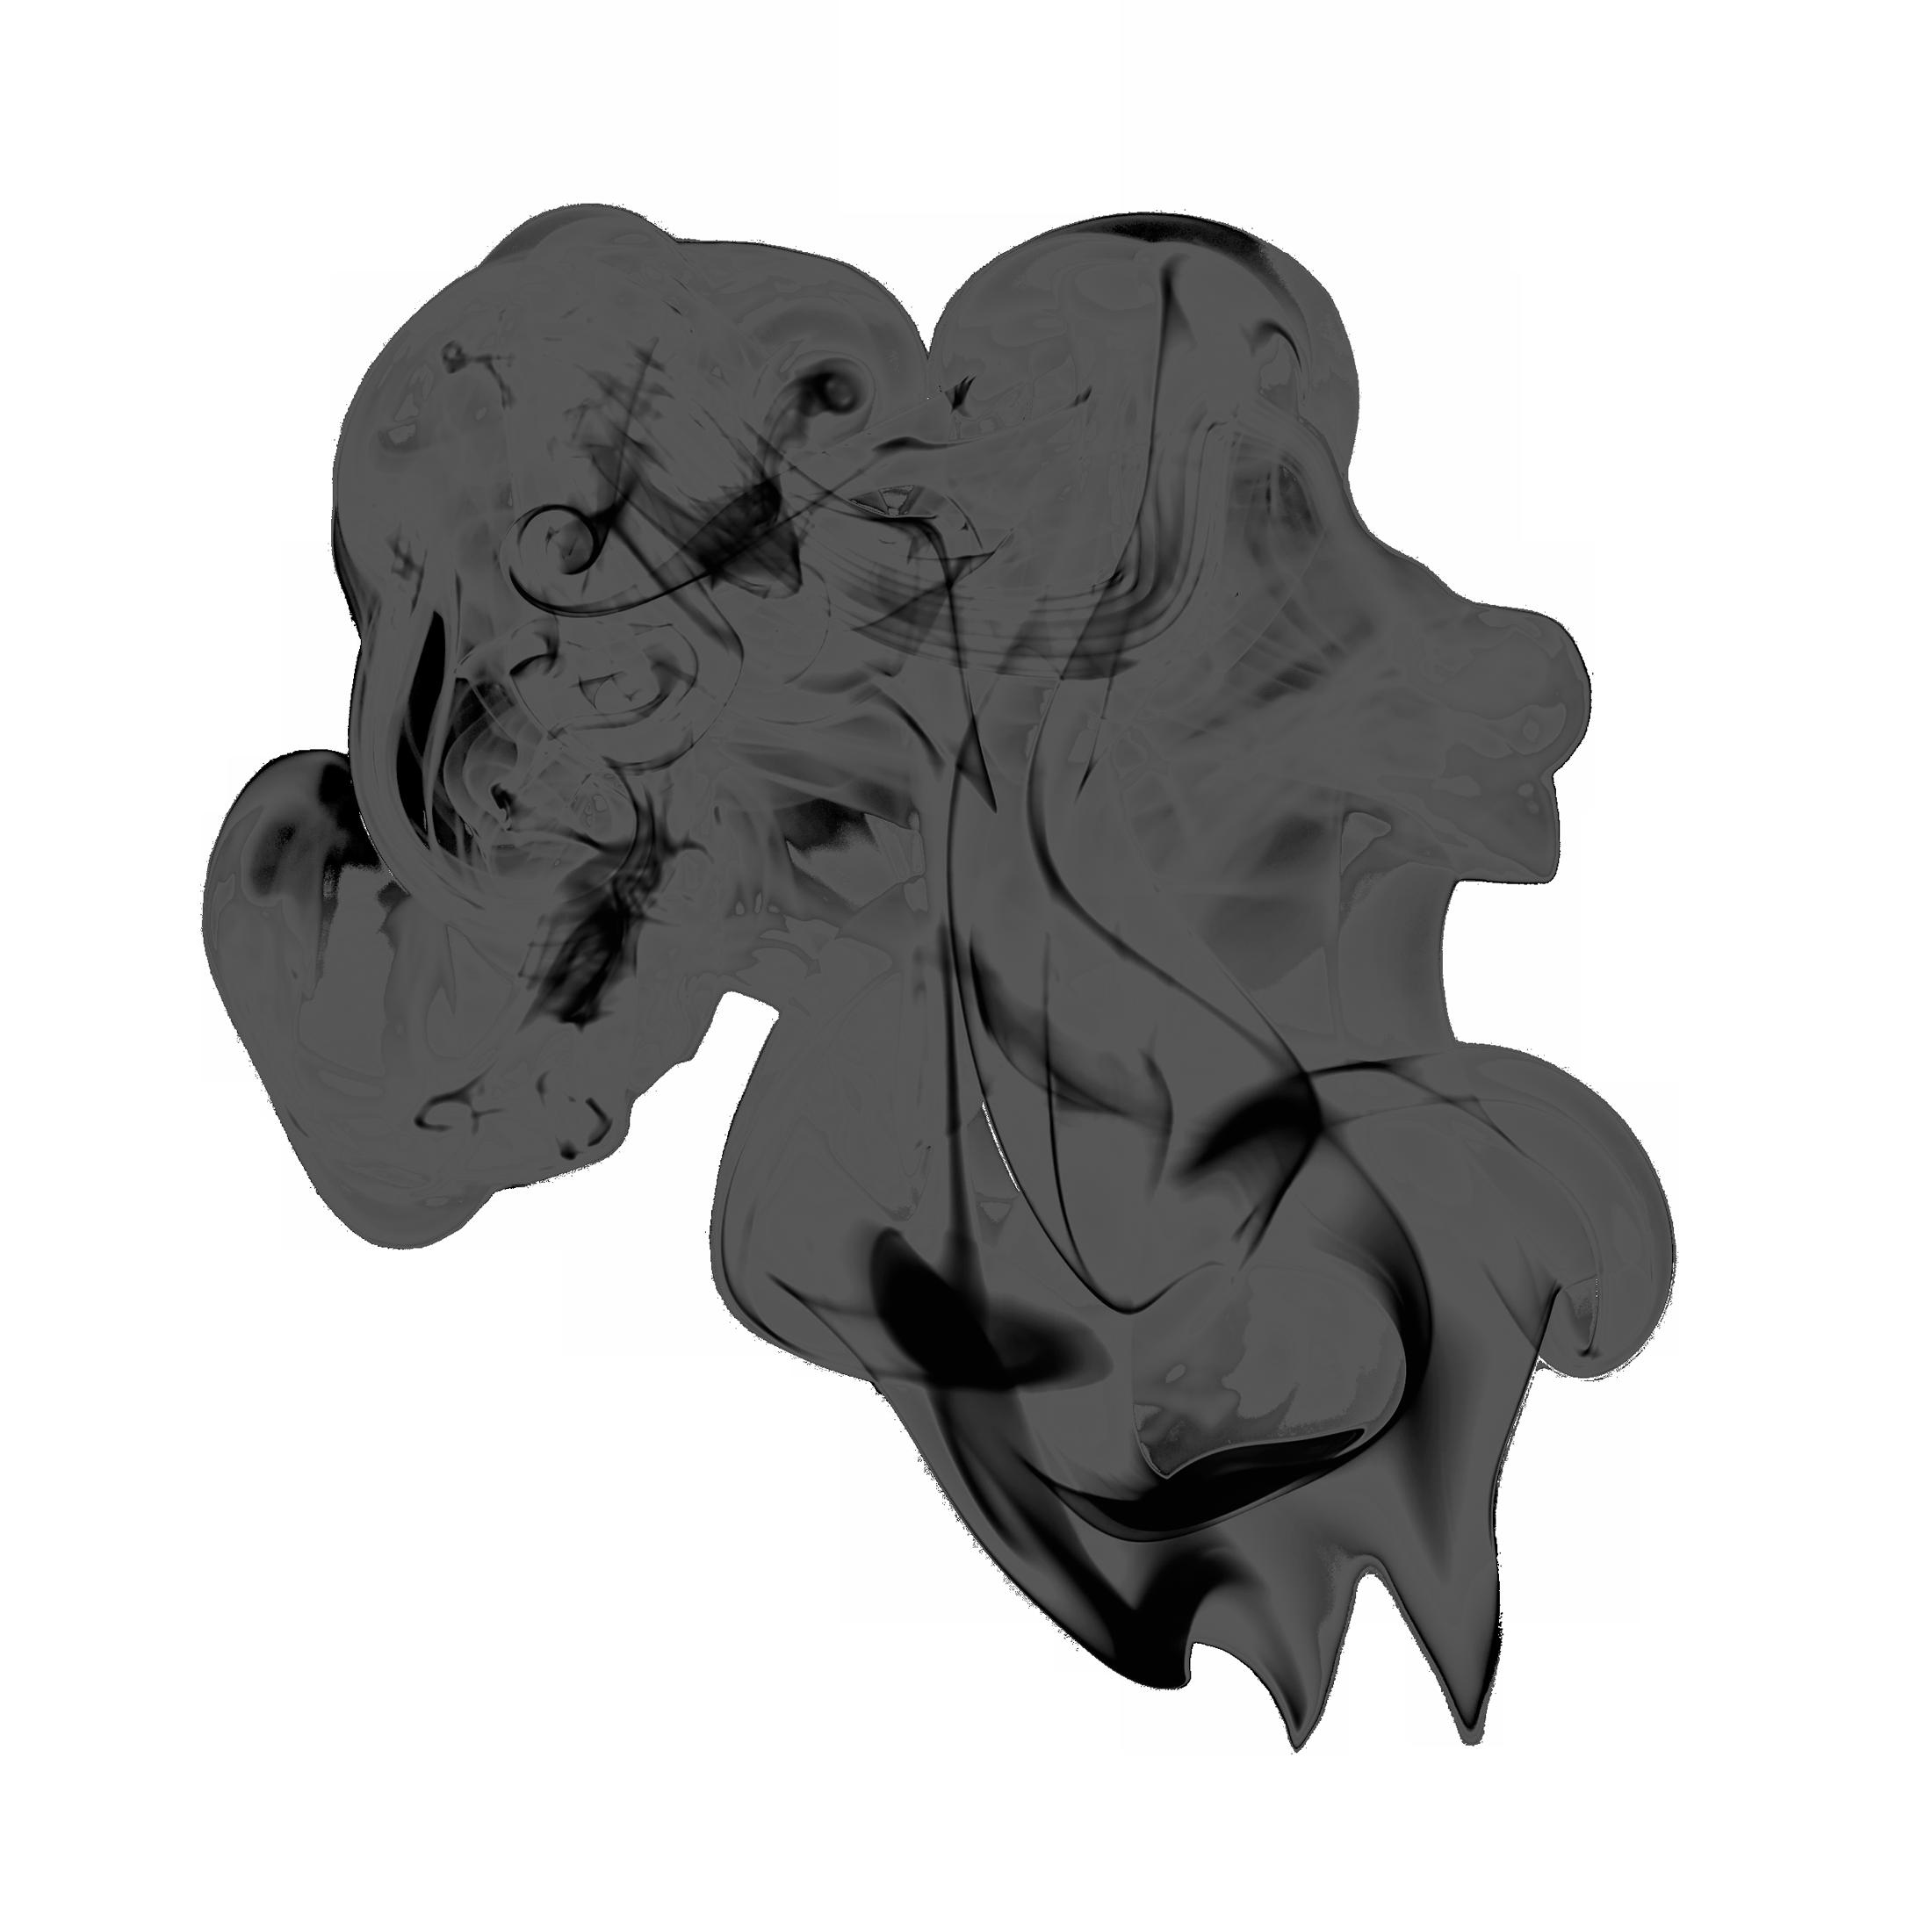 Black Smoke PNG Image.